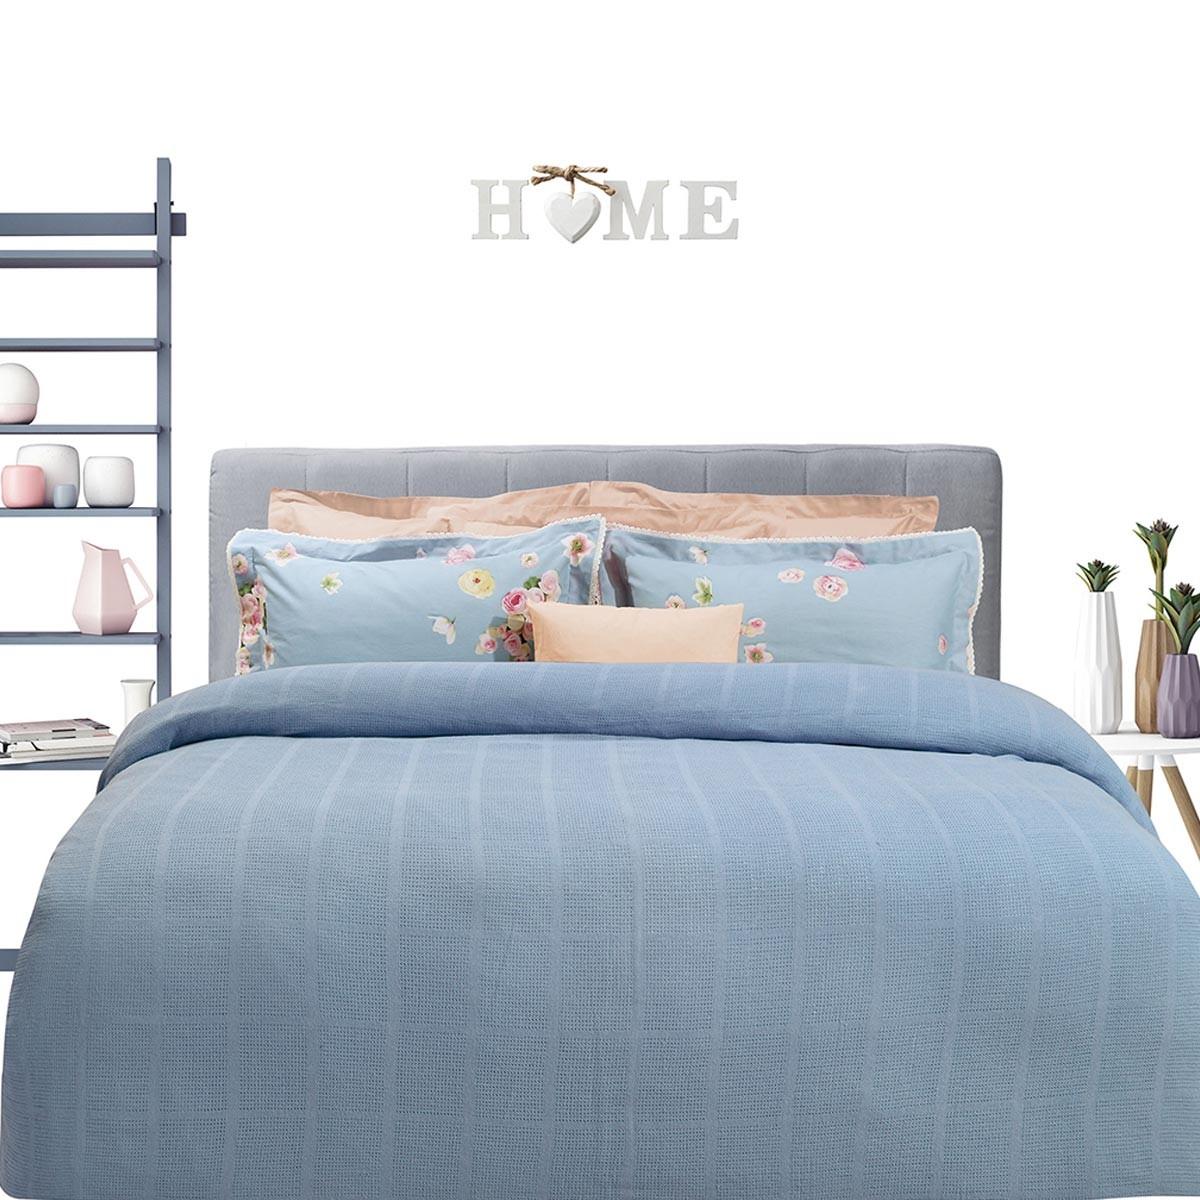 Κουβέρτα Πλεκτή Υπέρδιπλη Das Home Blanket Line 377 66588